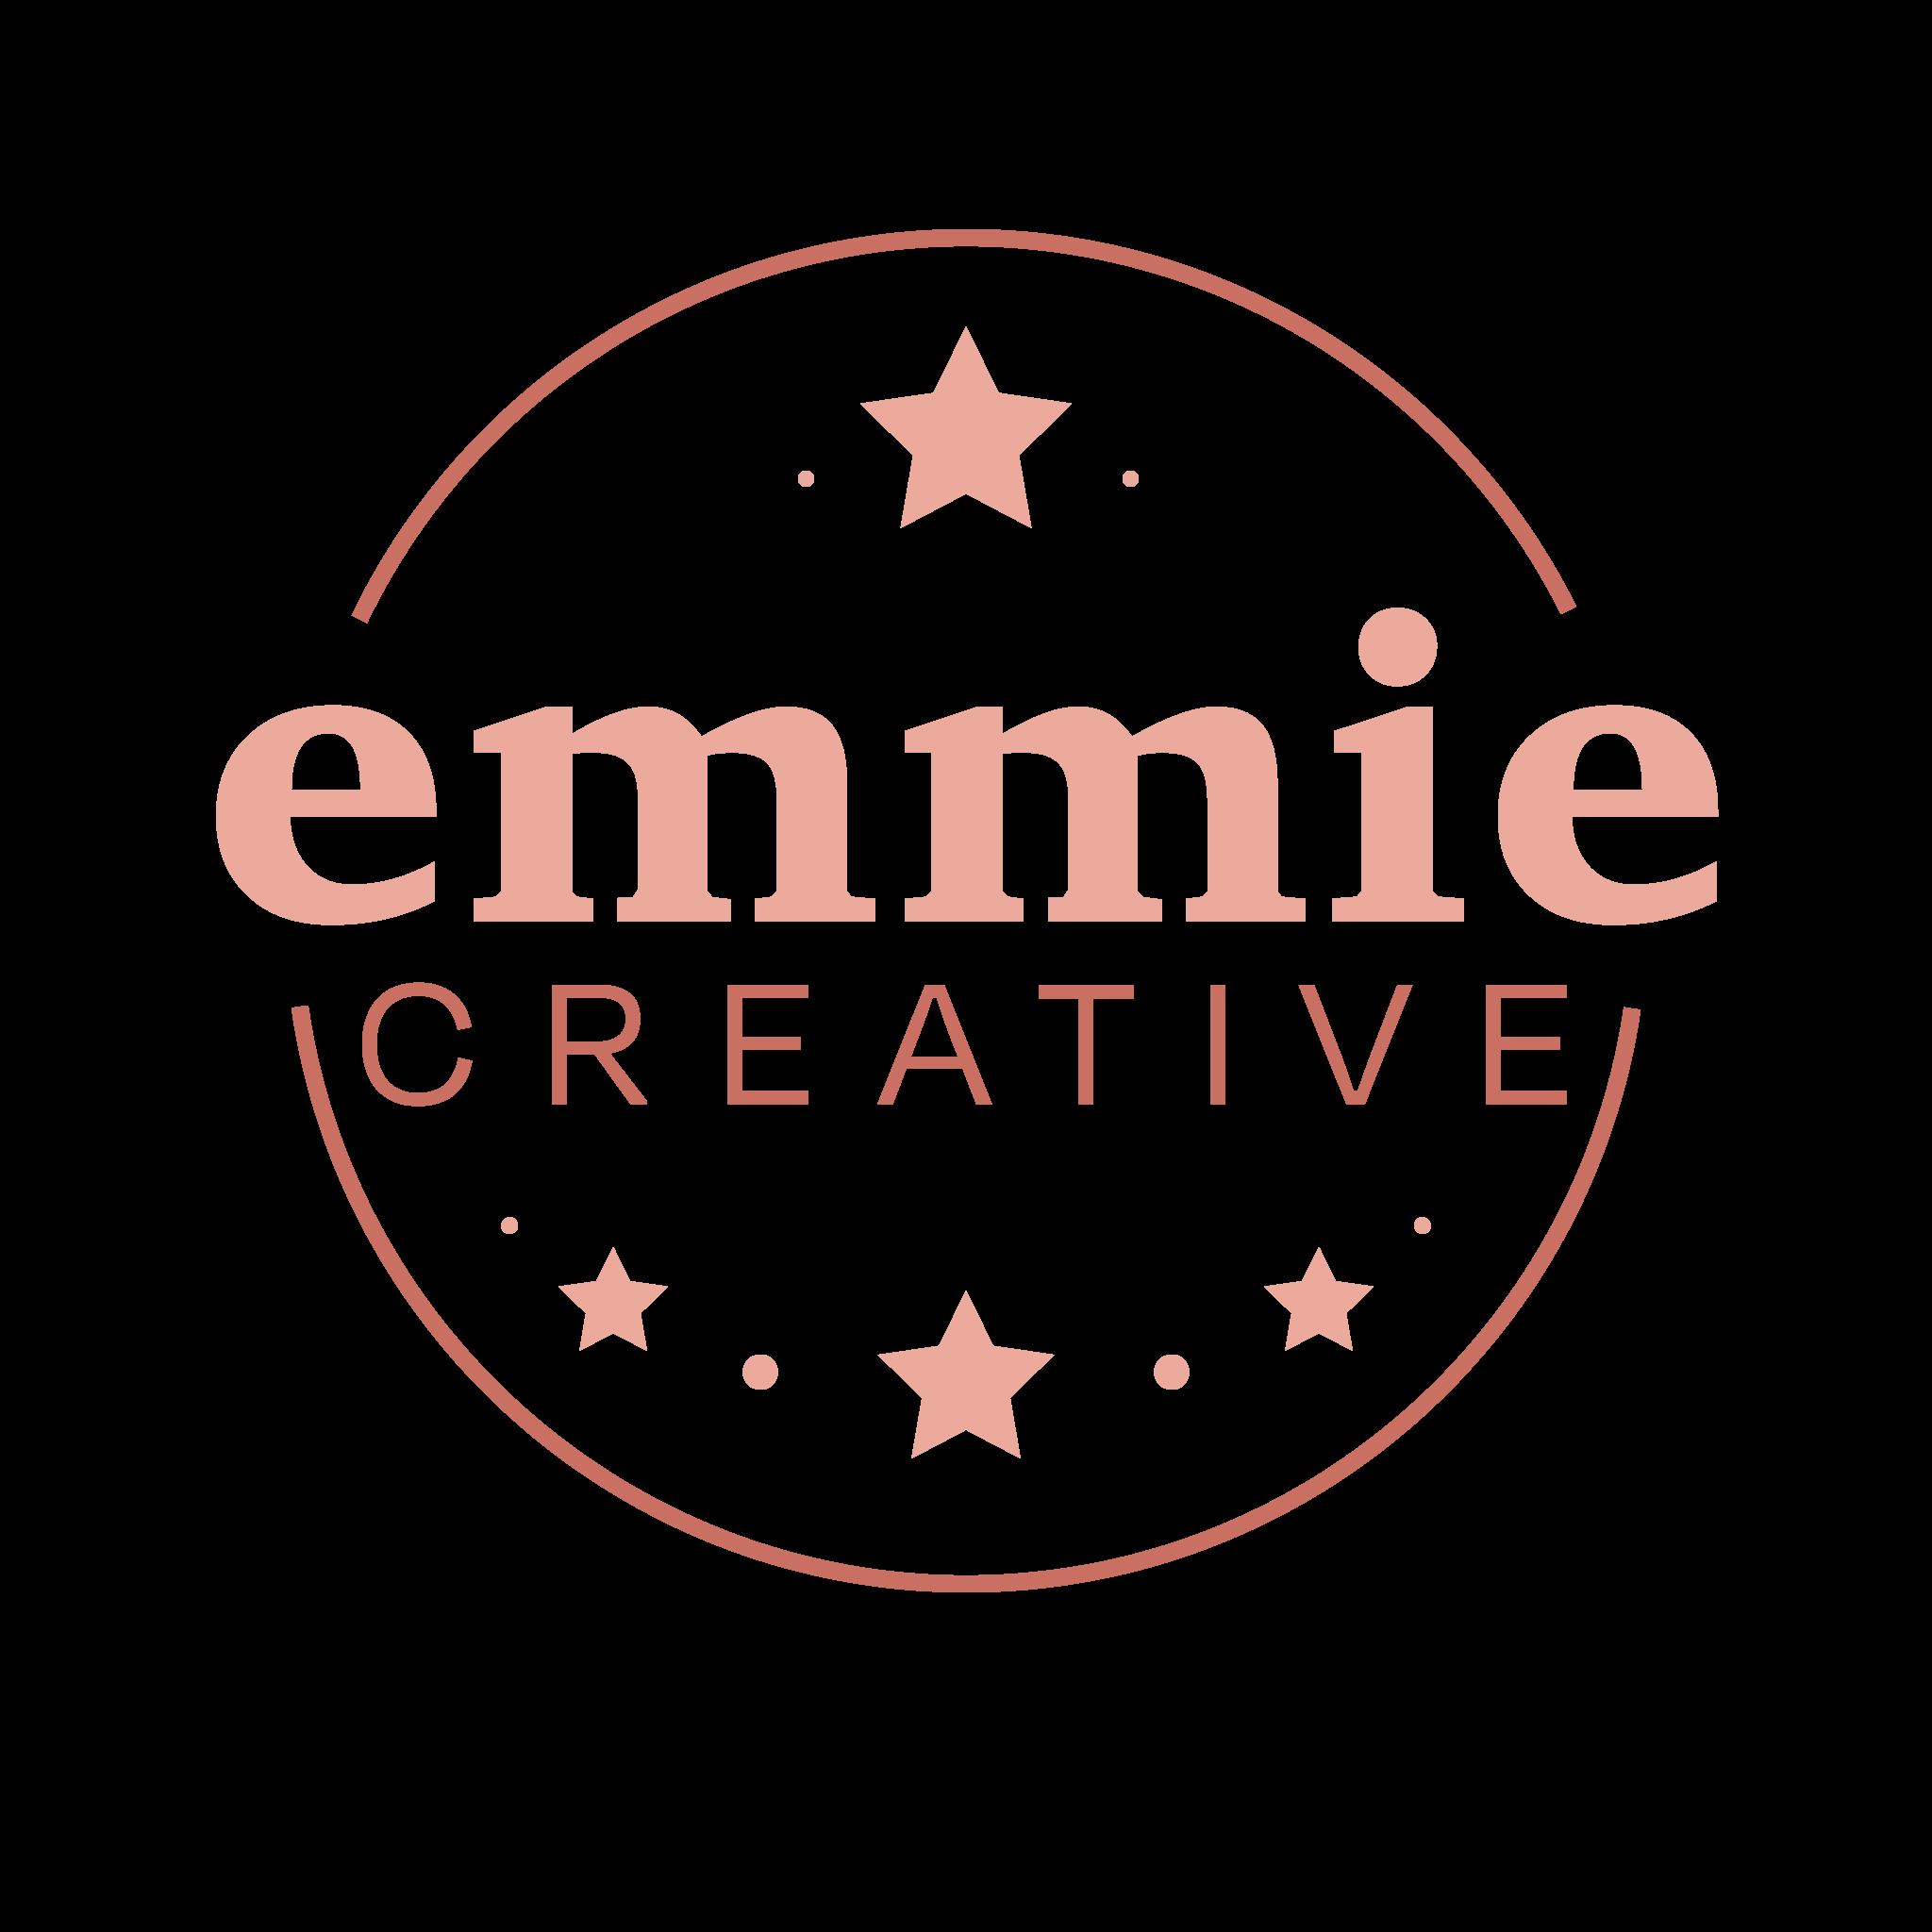 Emmie Creative